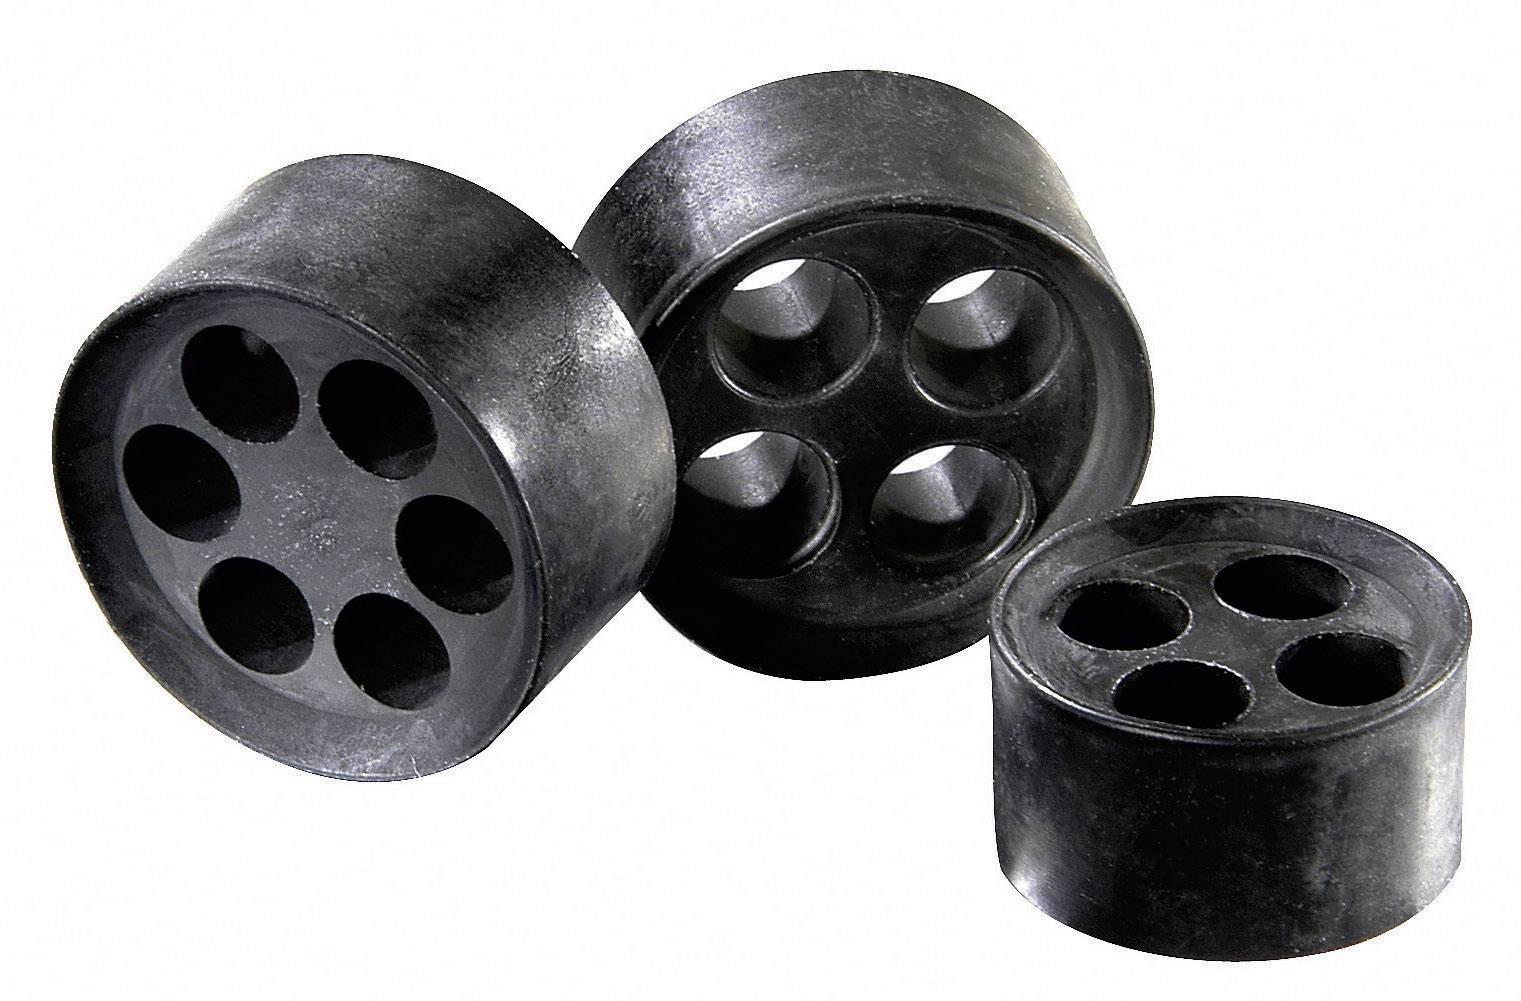 Těsnicí vložka M40 Wiska MFD 40/04/100 (10101017), IP66, M40, elastomer, černá